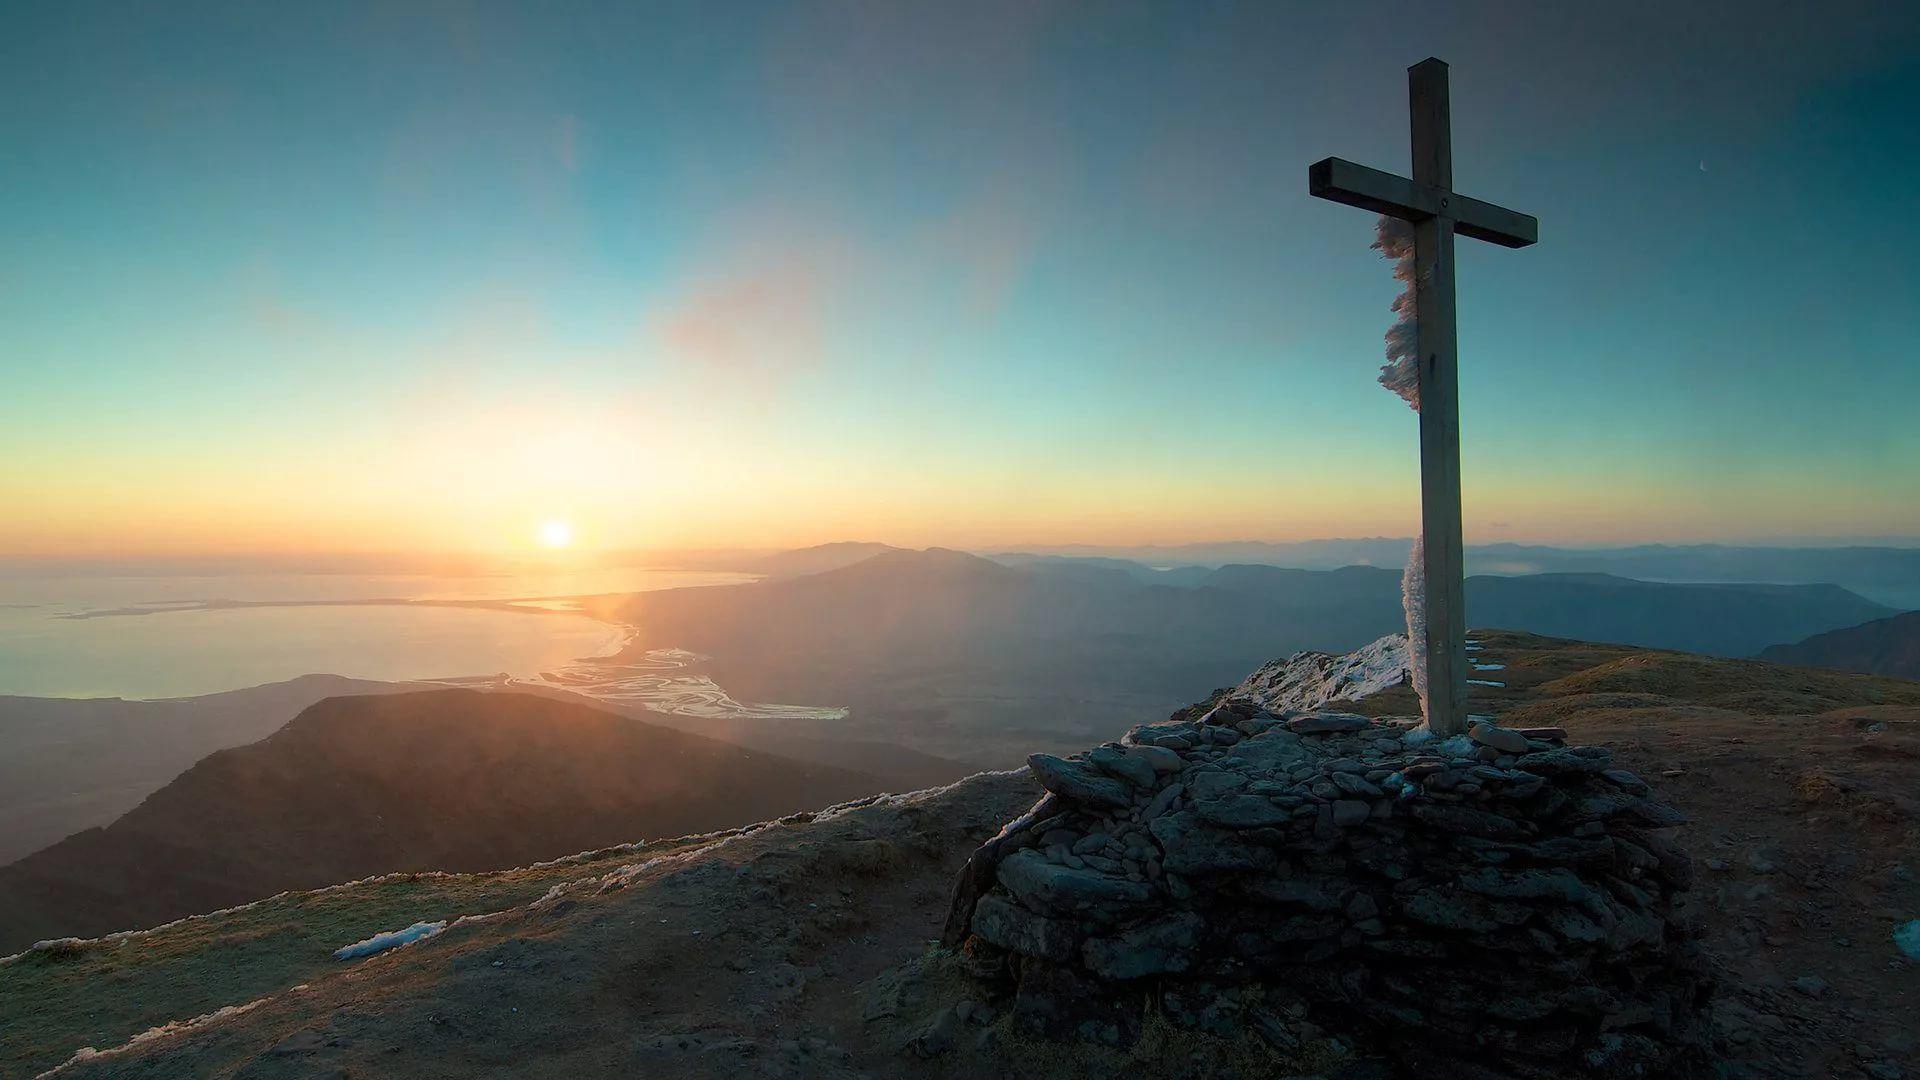 Jesus Cross hd wallpaper 1080